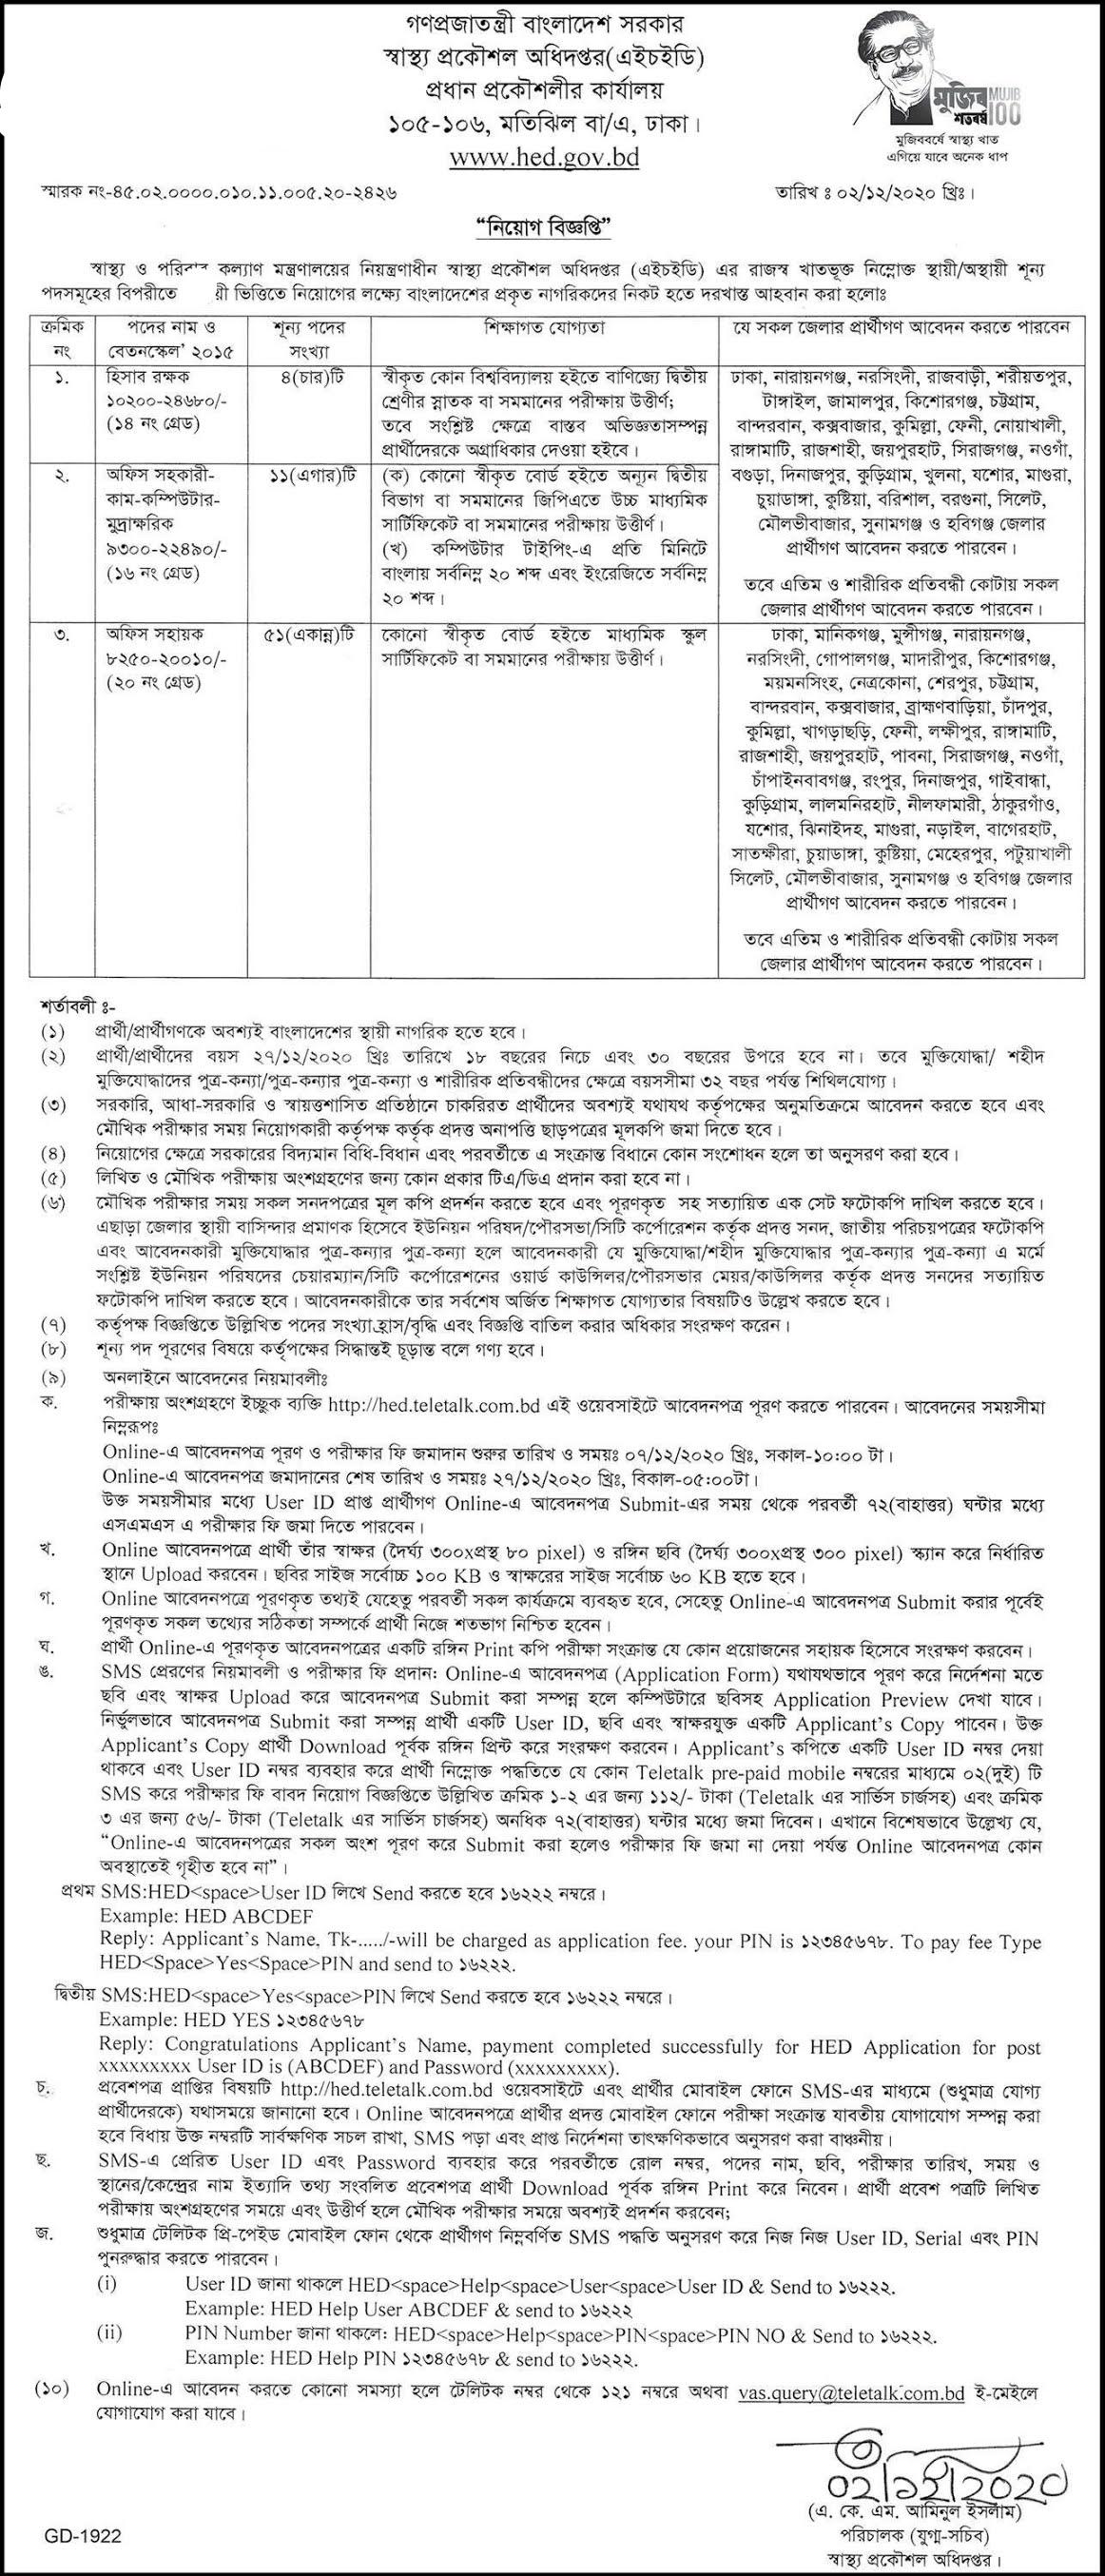 স্বাস্থ্য প্রকৌশল অধিদপ্তর নিয়োগ বিজ্ঞপ্তি ২০২০ - Health Engineering Department HED Job Circular 2021